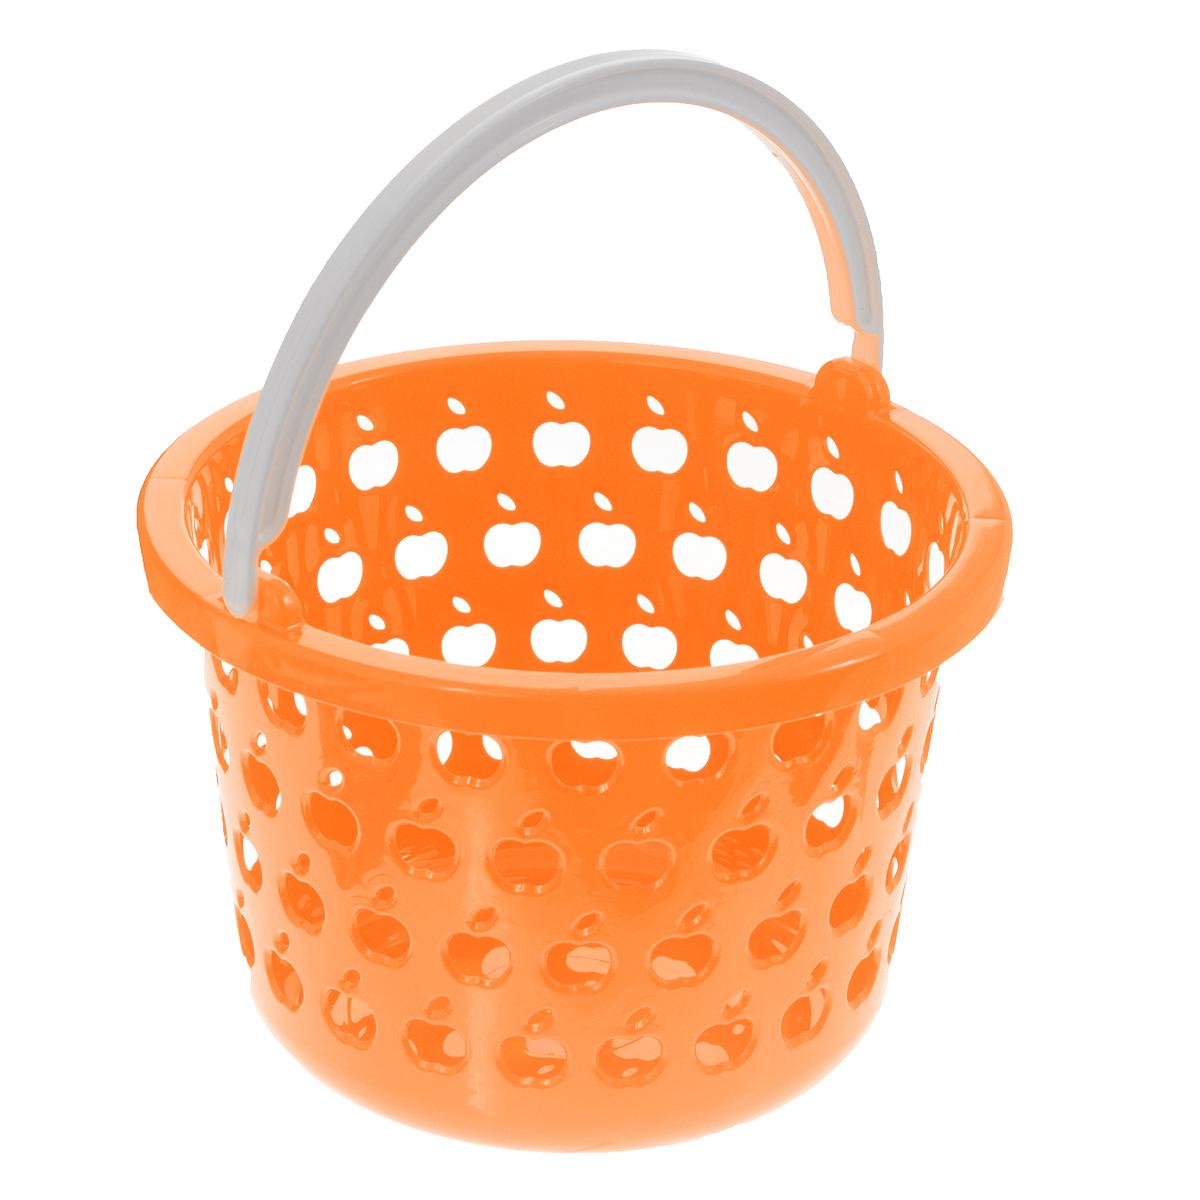 Корзина Полимербыт Стайл, цвет: оранжевый, 2,2 лС831Круглая корзина Полимербыт Стайл изготовлена из высококачественного цветного пластика и декорирована перфорацией в виде яблок. Она предназначена для хранения различных мелочей дома или на даче. Для удобства переноски имеется специальная ручка. Позволяет хранить мелкие вещи, исключая возможность их потери. Корзина очень вместительная. Элегантный выдержанный дизайн позволяет органично вписаться в ваш интерьер и стать его элементом.Диаметр: 18,5 см.Высота: 12,5 см.